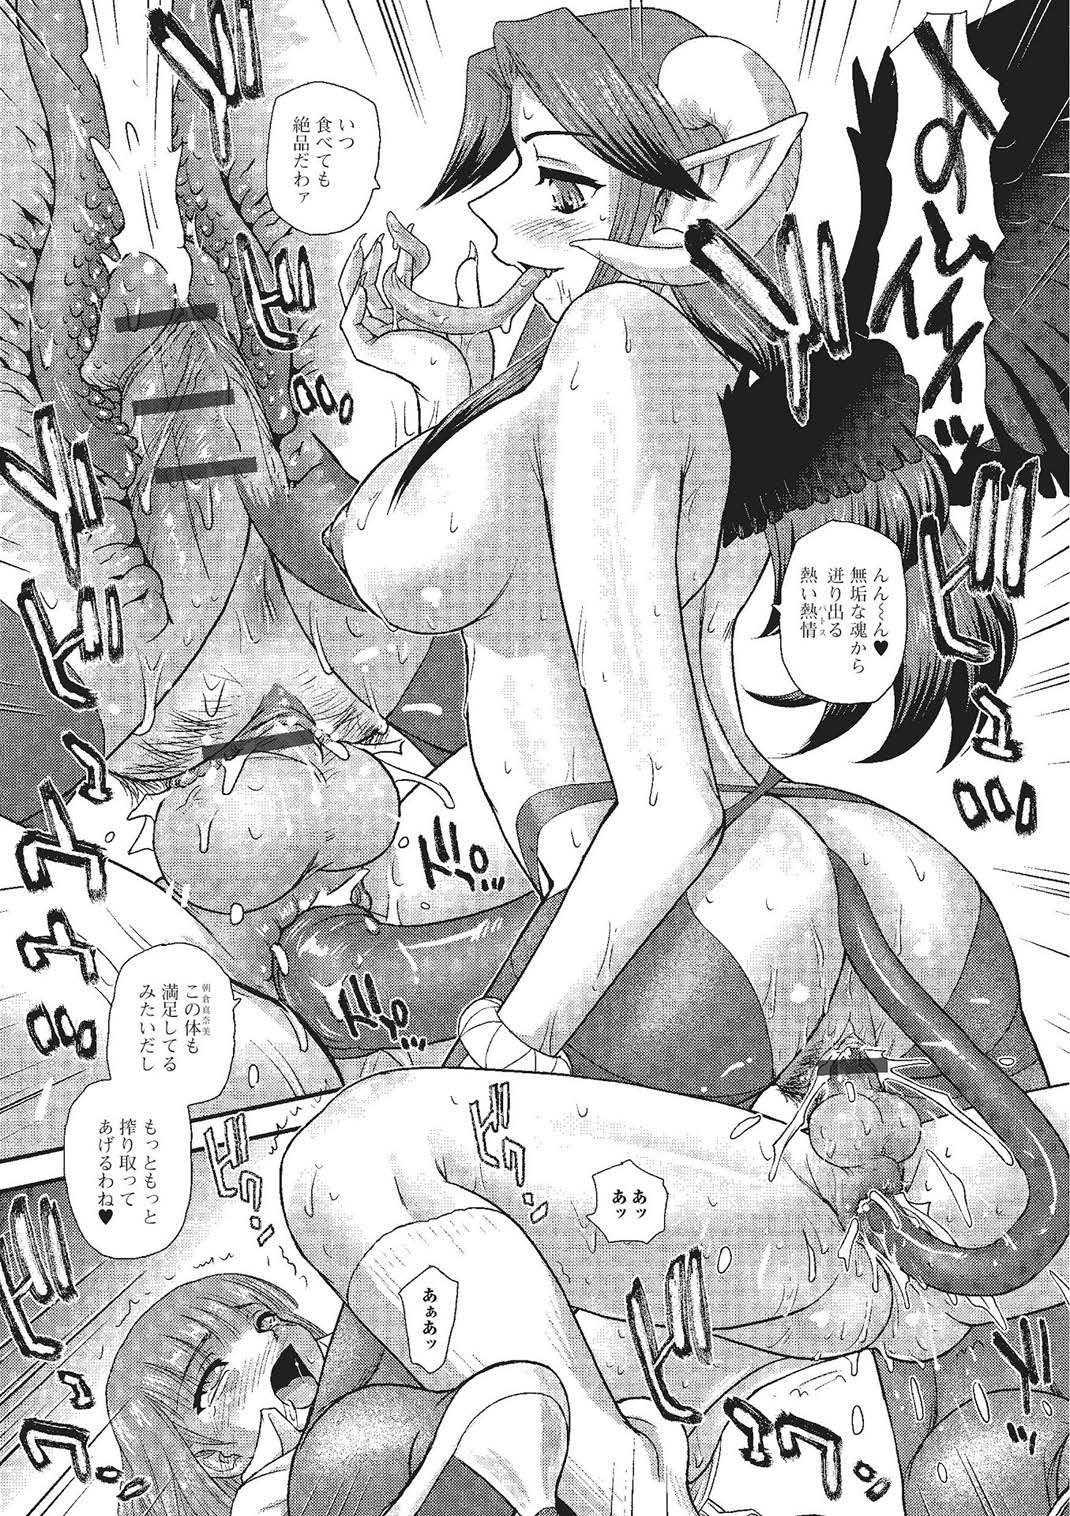 【エロ漫画】悪魔に乗り移られてしまった美術部顧問の美人女教師…部員の生徒たちを性玩具にして触手で洗脳し脳もアナルも辱めるwww【ダルシー研Q所:肉人形のアトリエ】